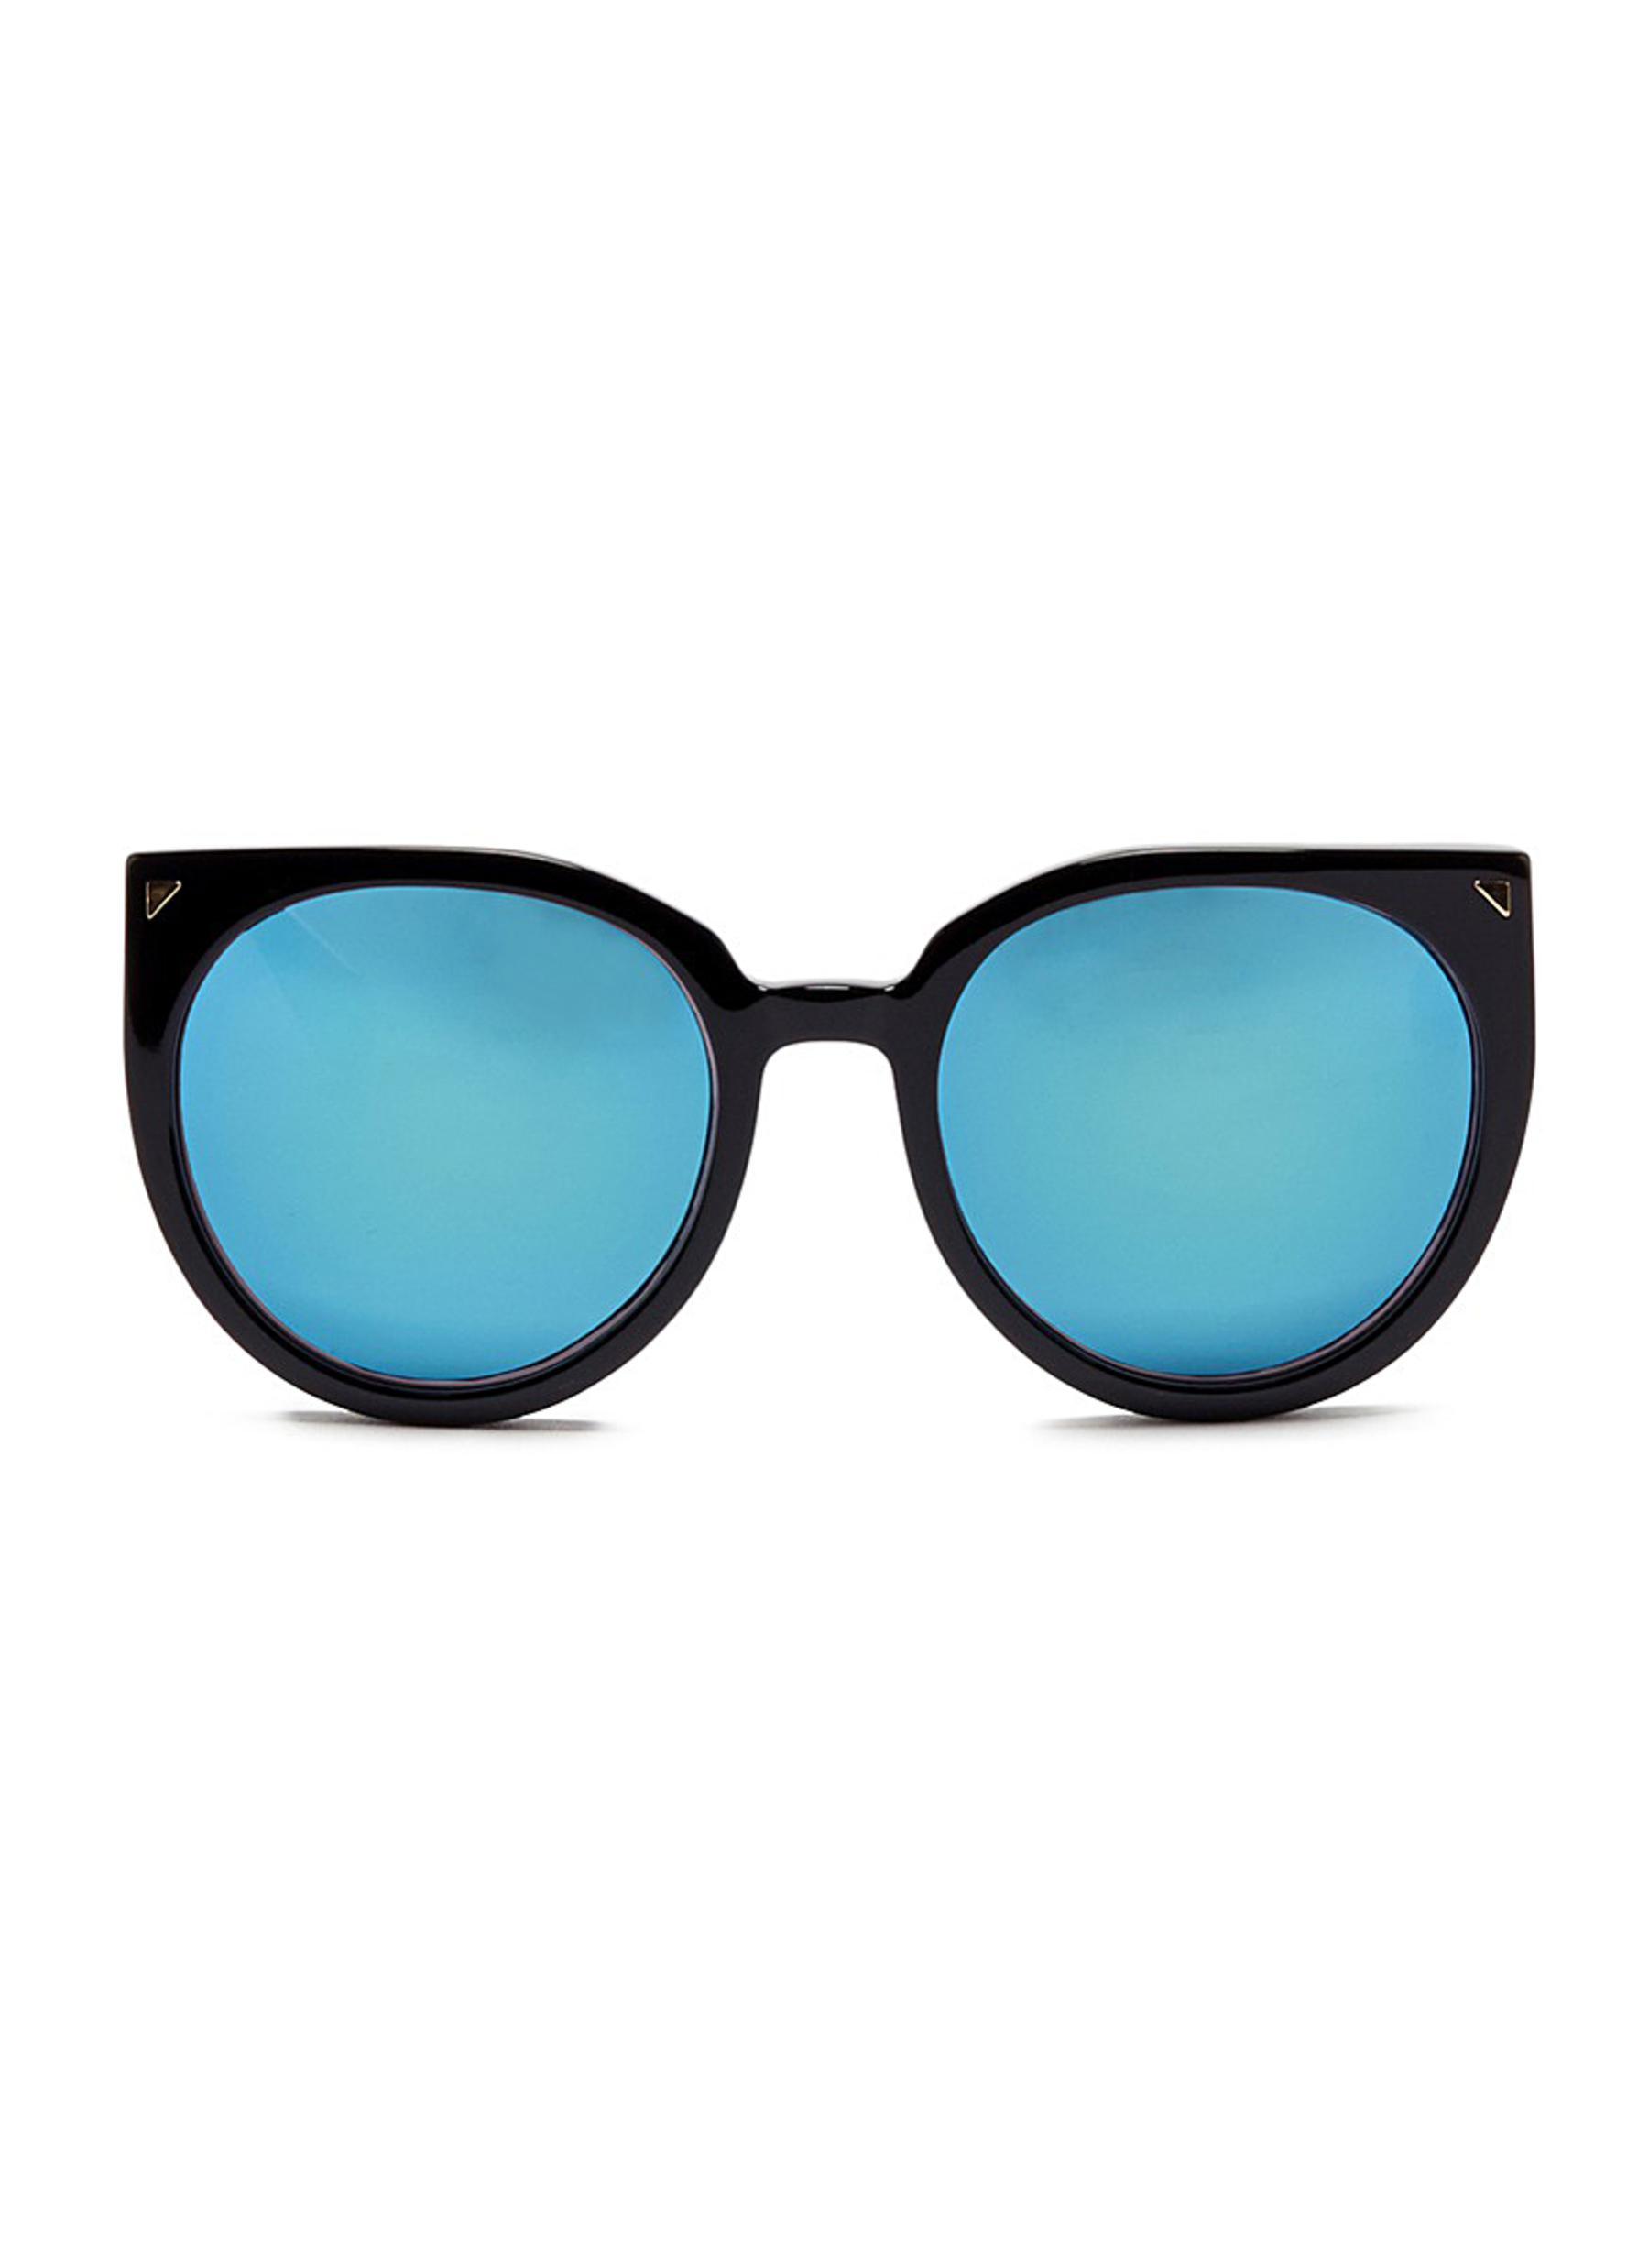 stephane christian female monroe oversize cat eye acetate mirror sunglasses